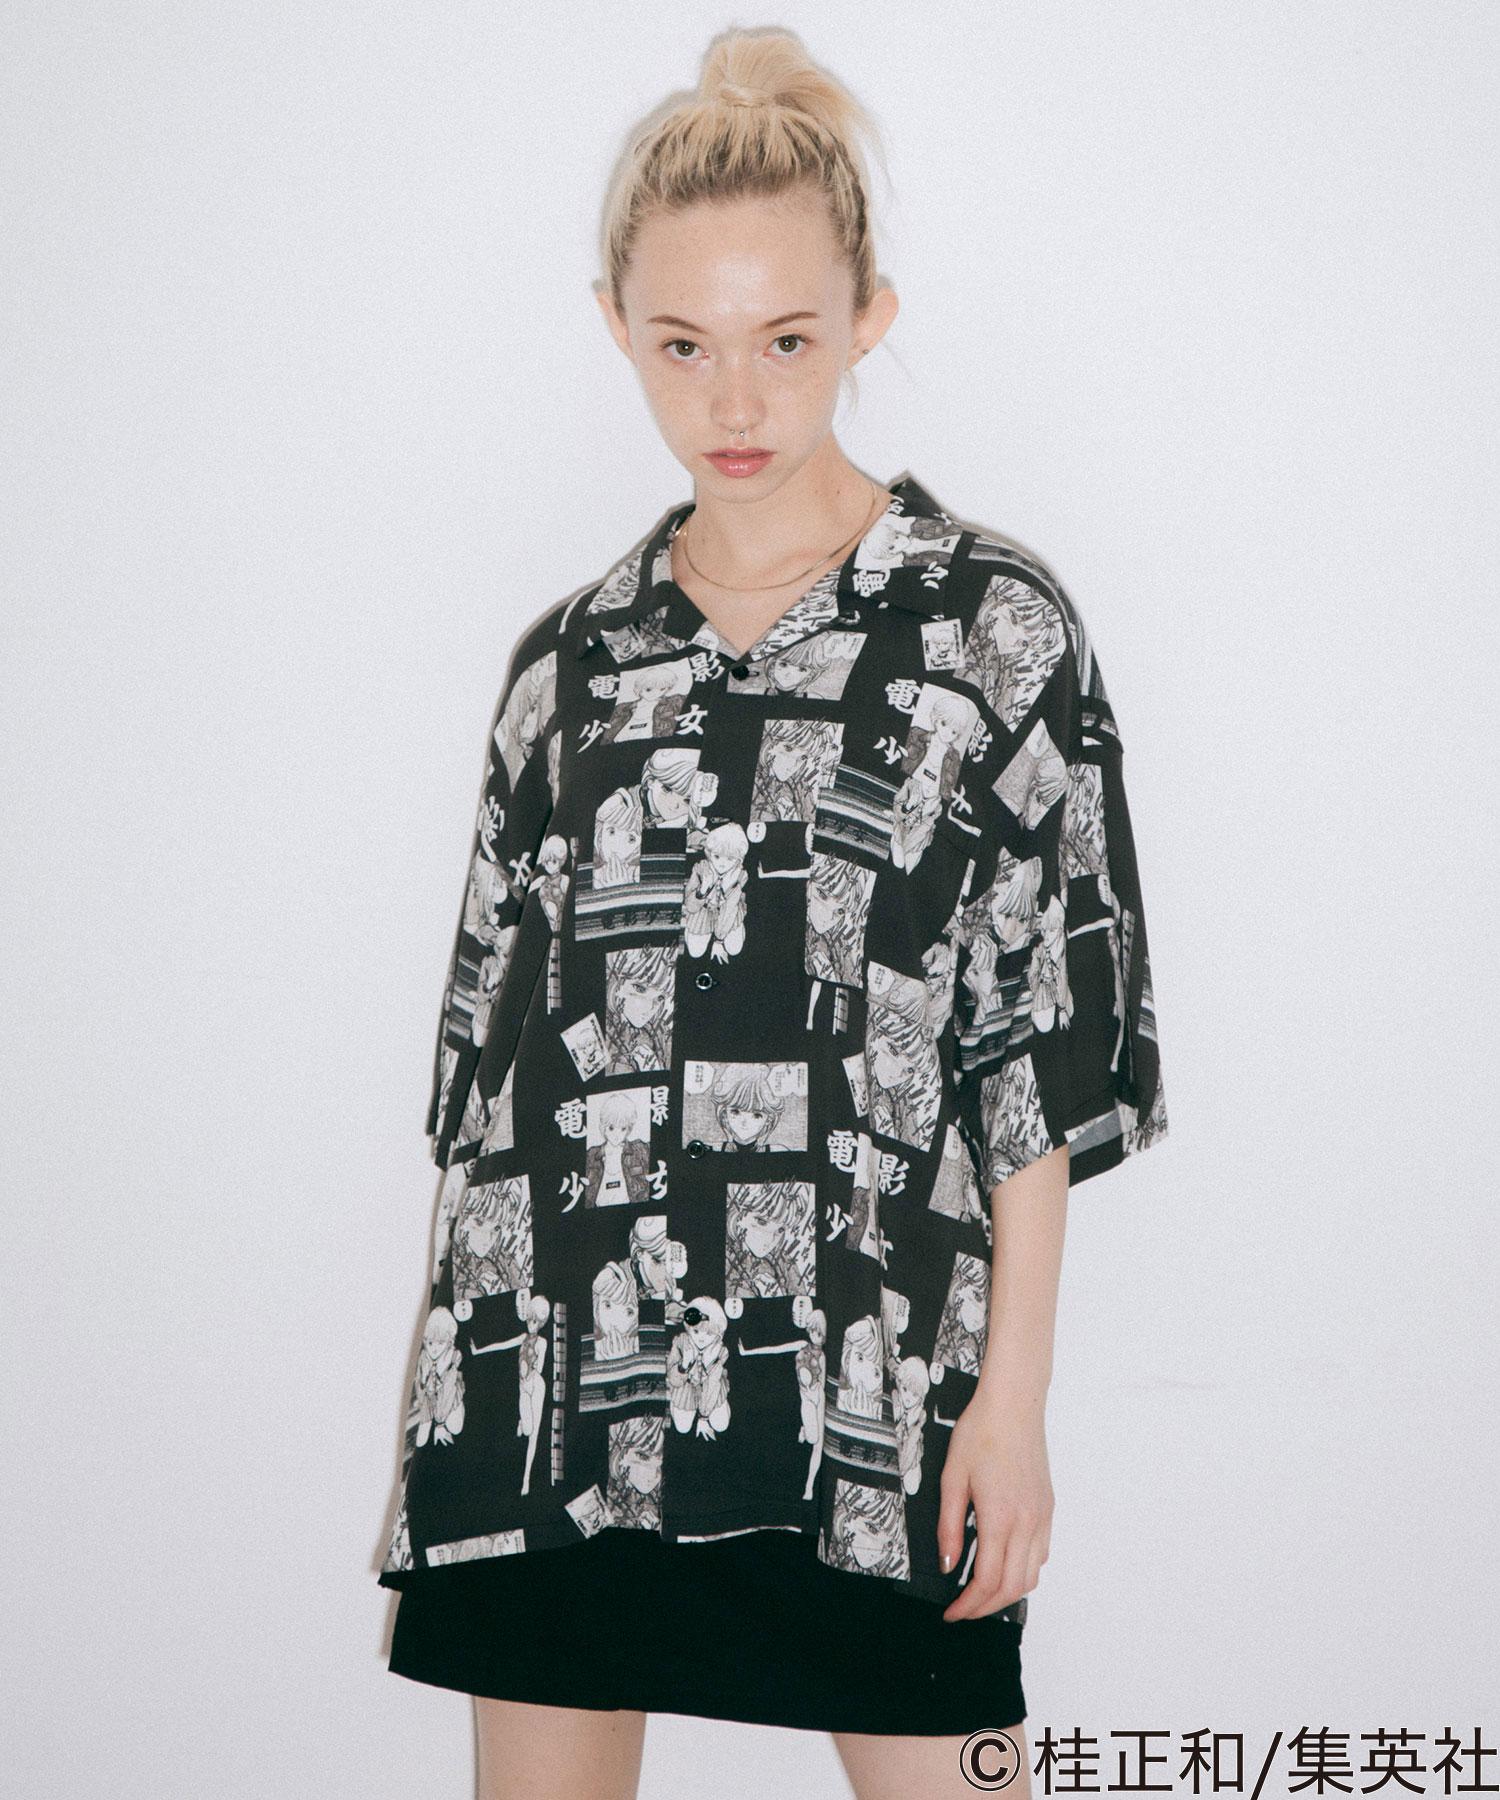 【公式】X-girlエックスガールX-girl×KATSURAMASAKAZUALOHASHIRTシャツアロハシャツトップスコラボレディース